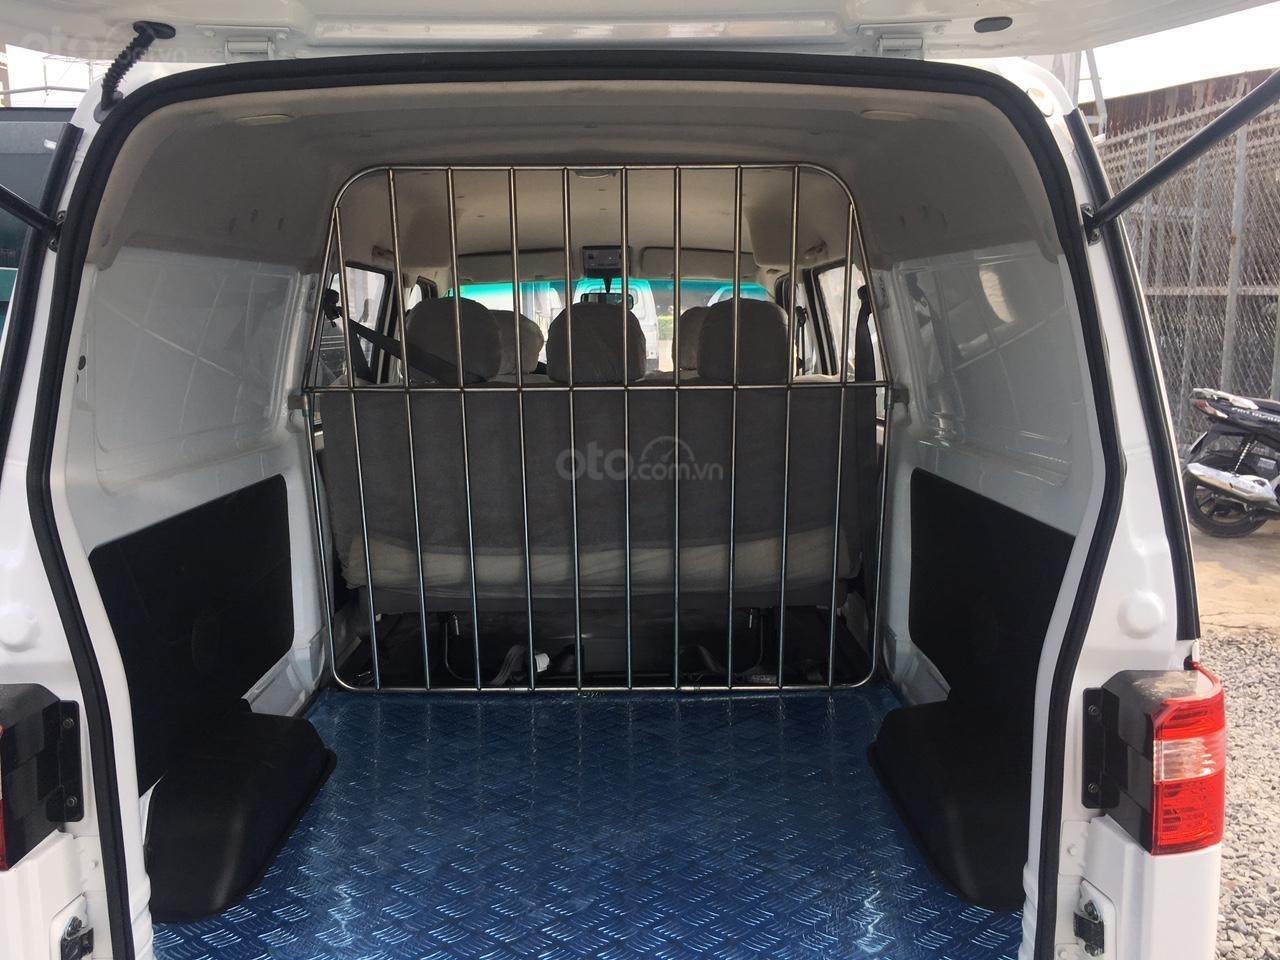 Bảng giá xe bán tải Van được phép chạy trong thành phố 24/24h (3)